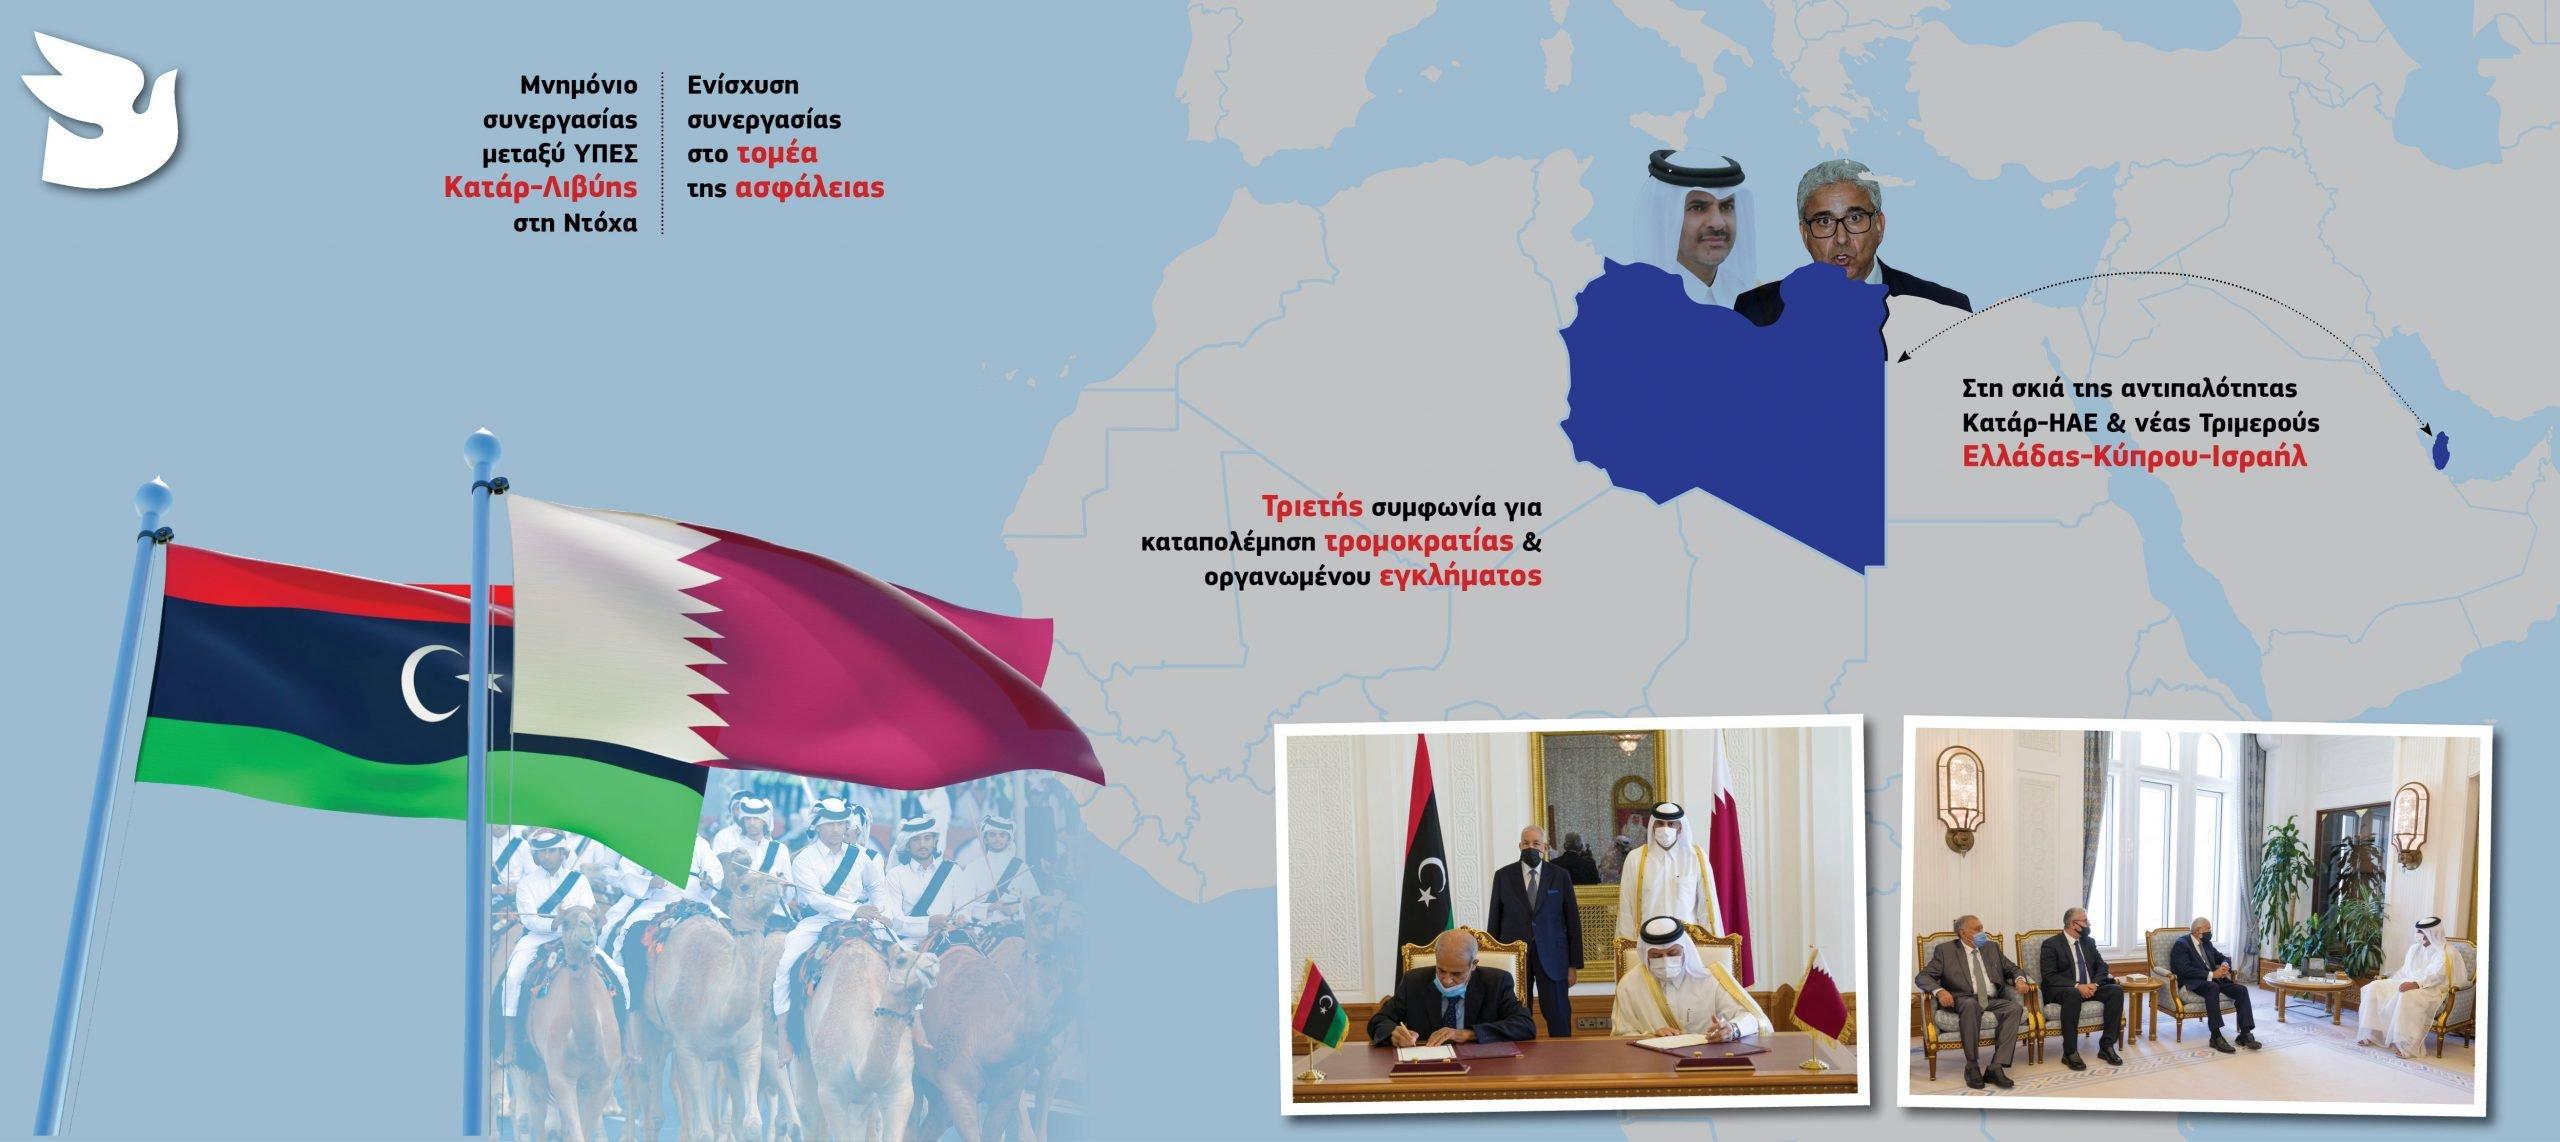 Συμφωνία Κατάρ-Λιβύης για θέματα ασφάλειας στην σκιά των Τριμερών